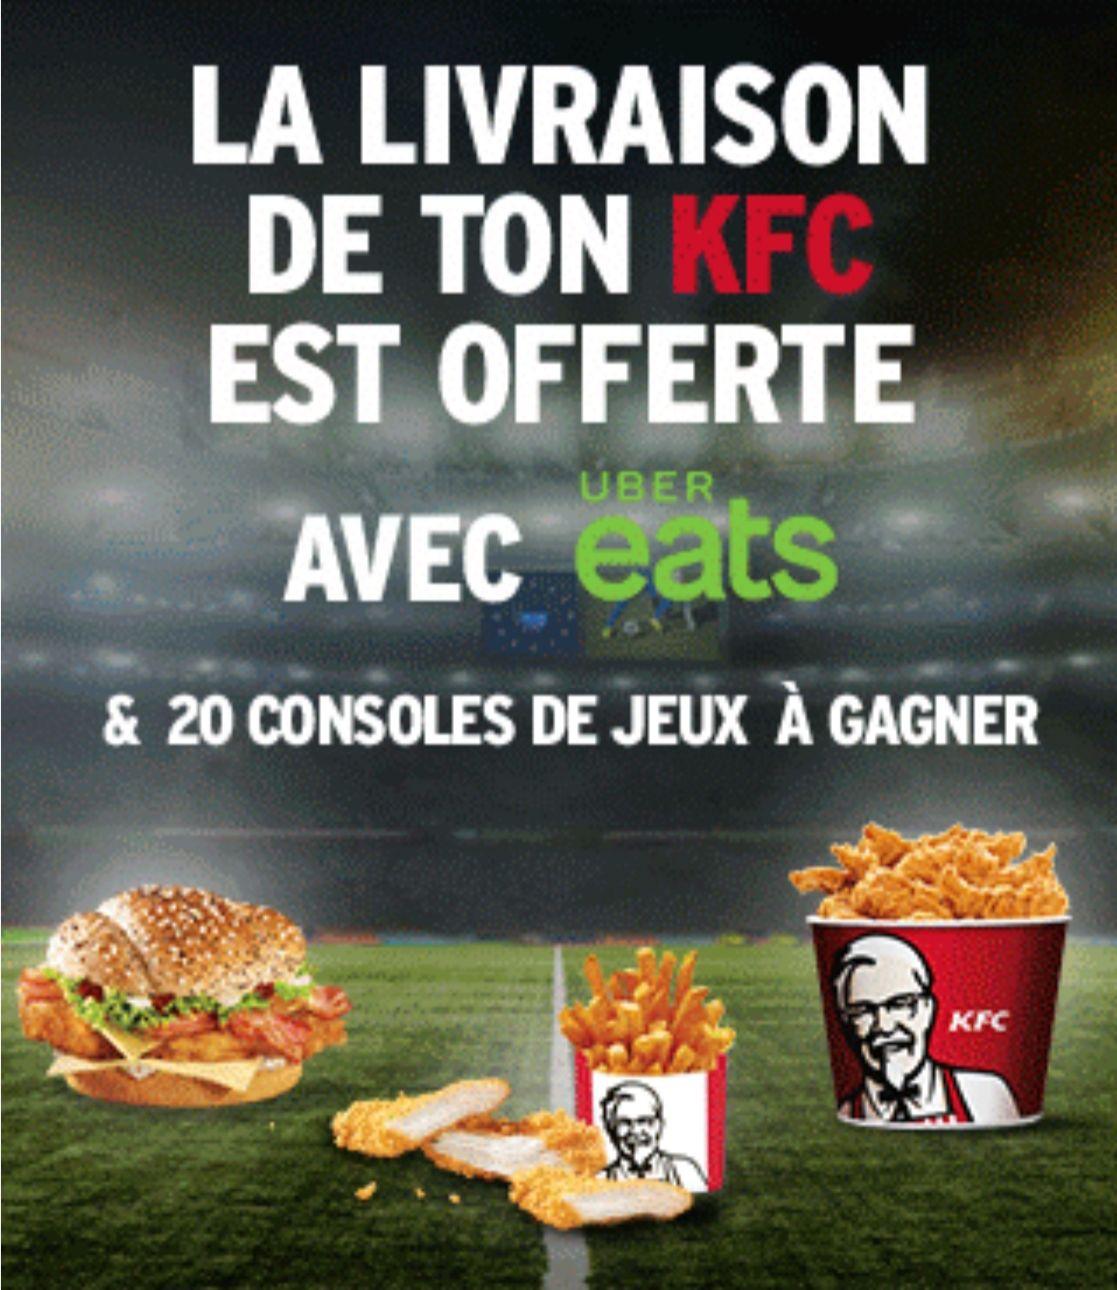 [A partir de 17h] Livraison Offerte pour les restaurants KFC participants